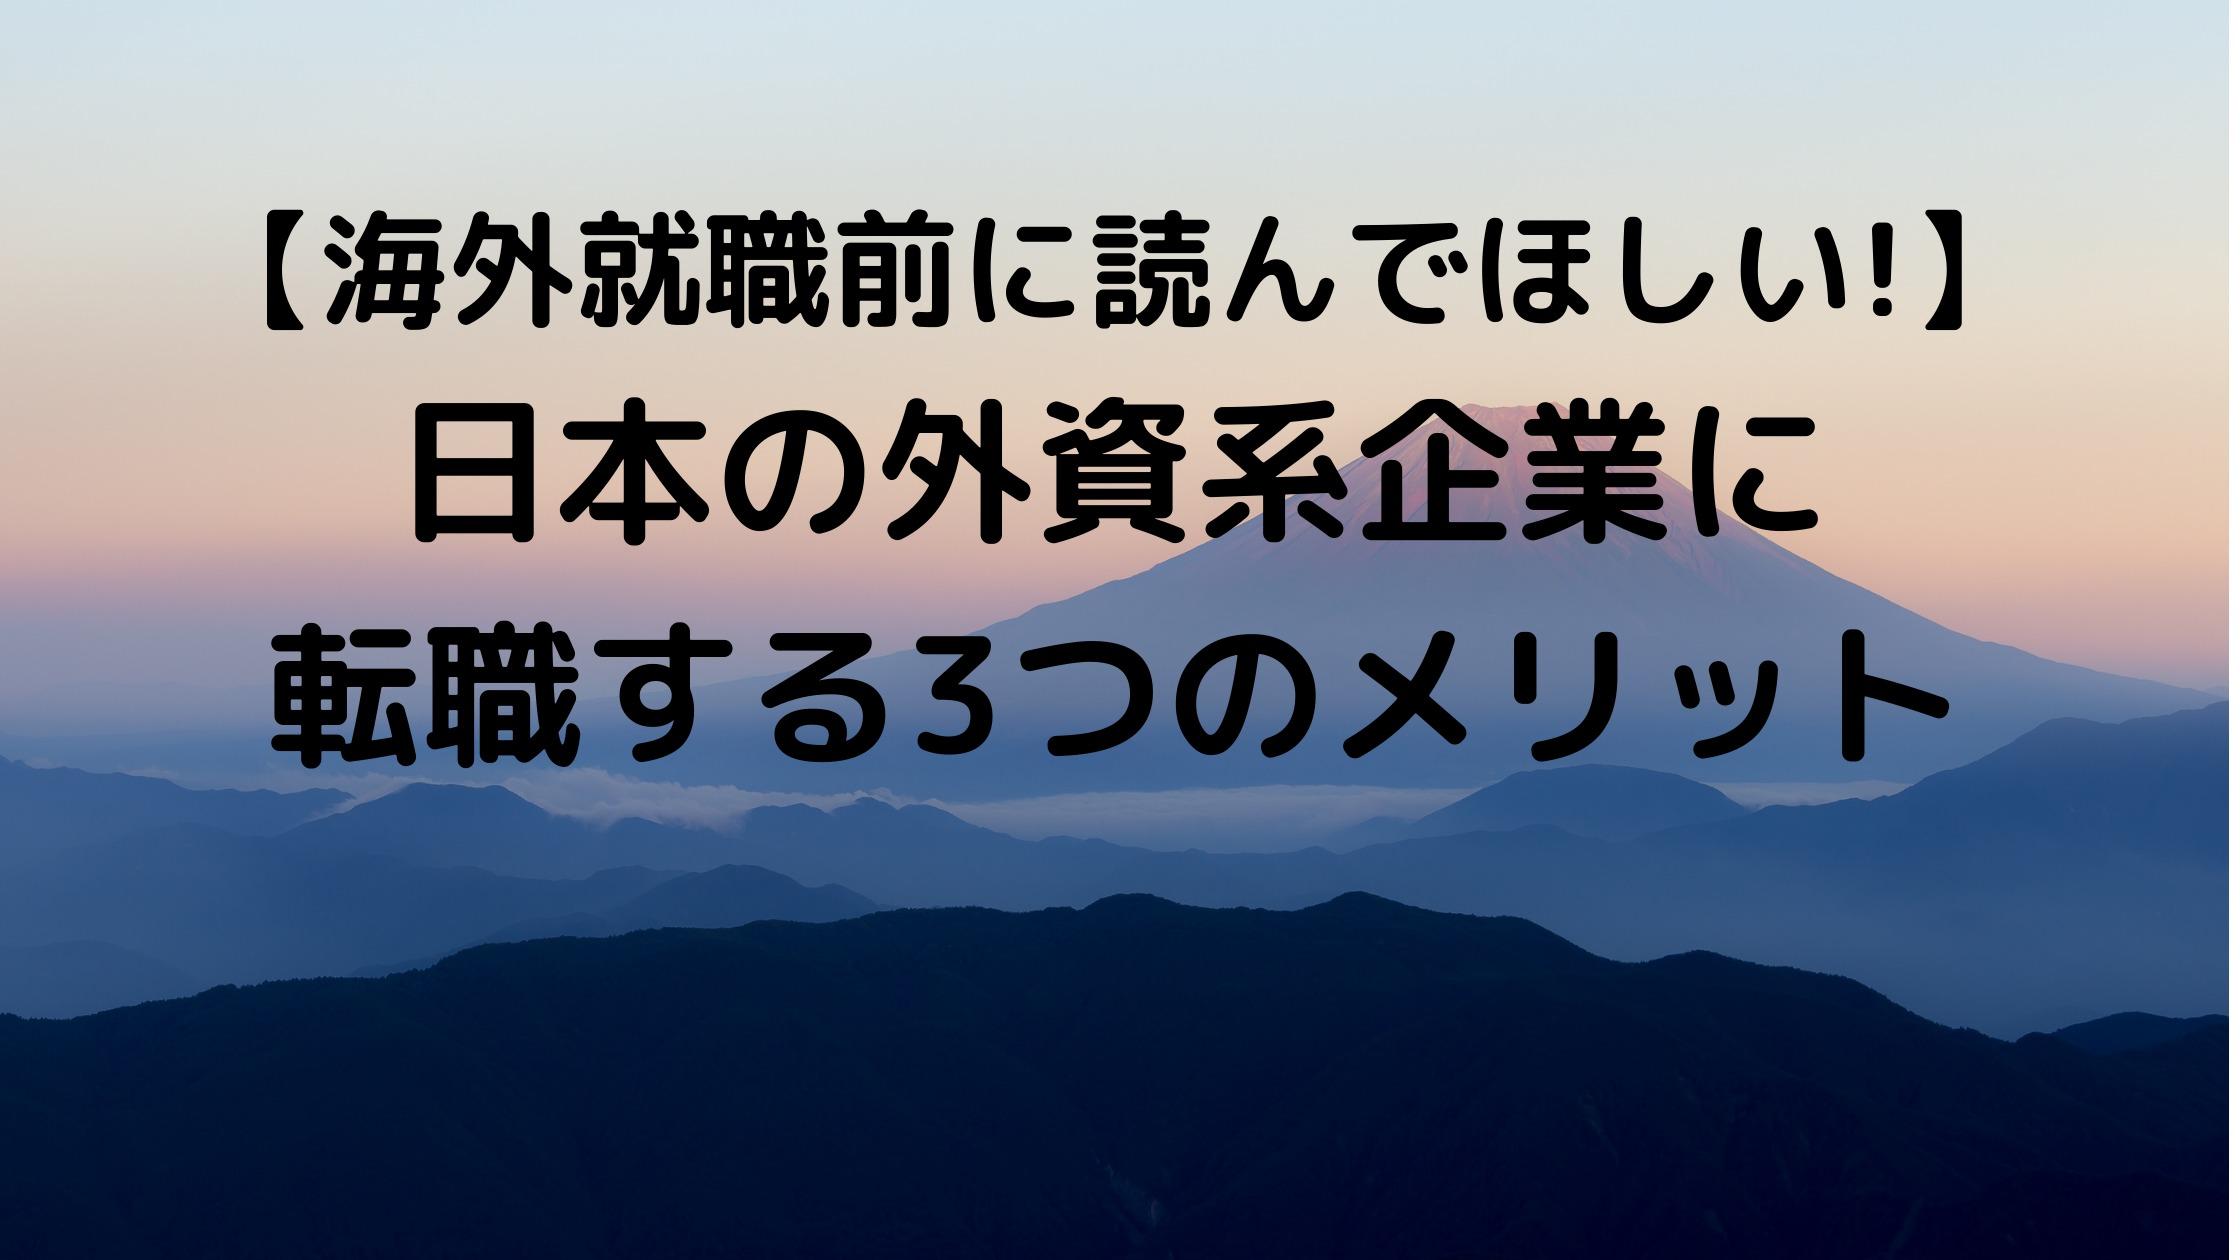 日本の外資系企業の写真